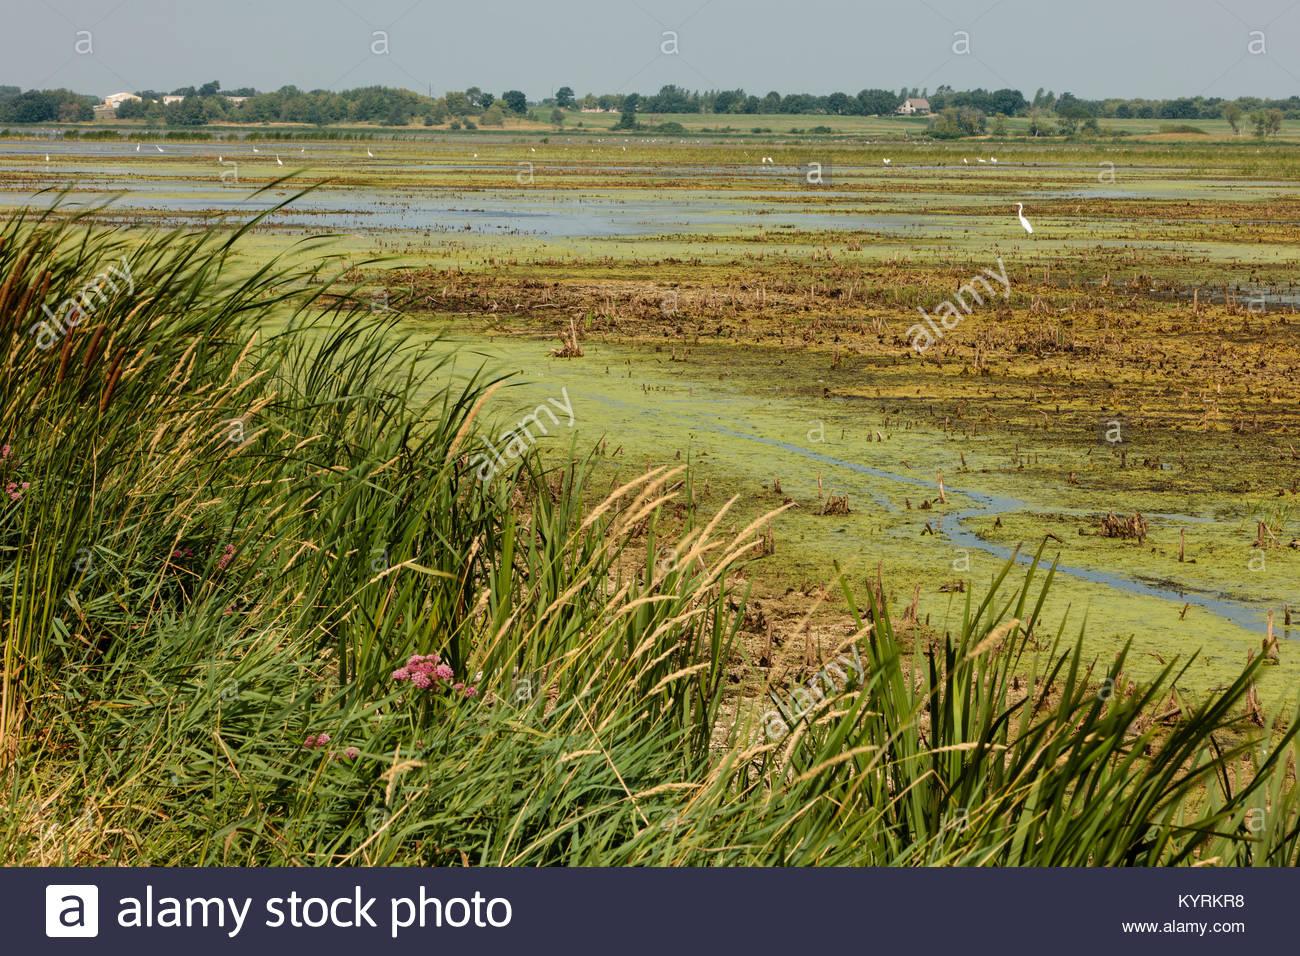 Affacciato sulla Horicon Marsh a nord della Hwy 47, trascinata verso il basso durante le estreme condizioni di siccità Immagini Stock